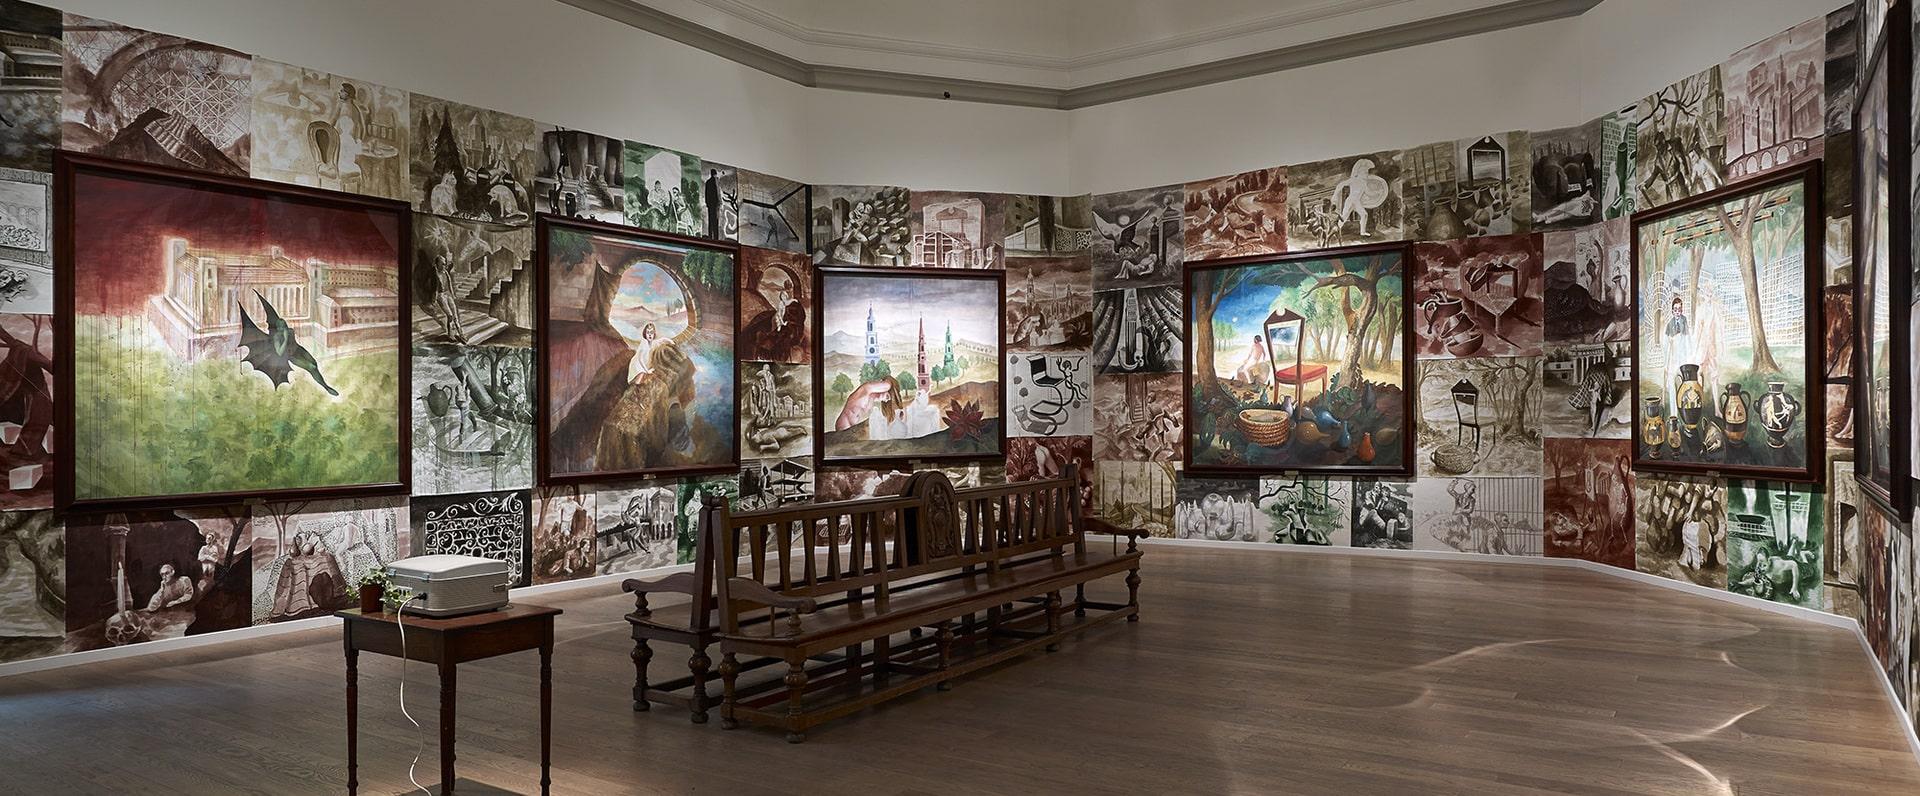 Studietur Edinburgh National Gallery